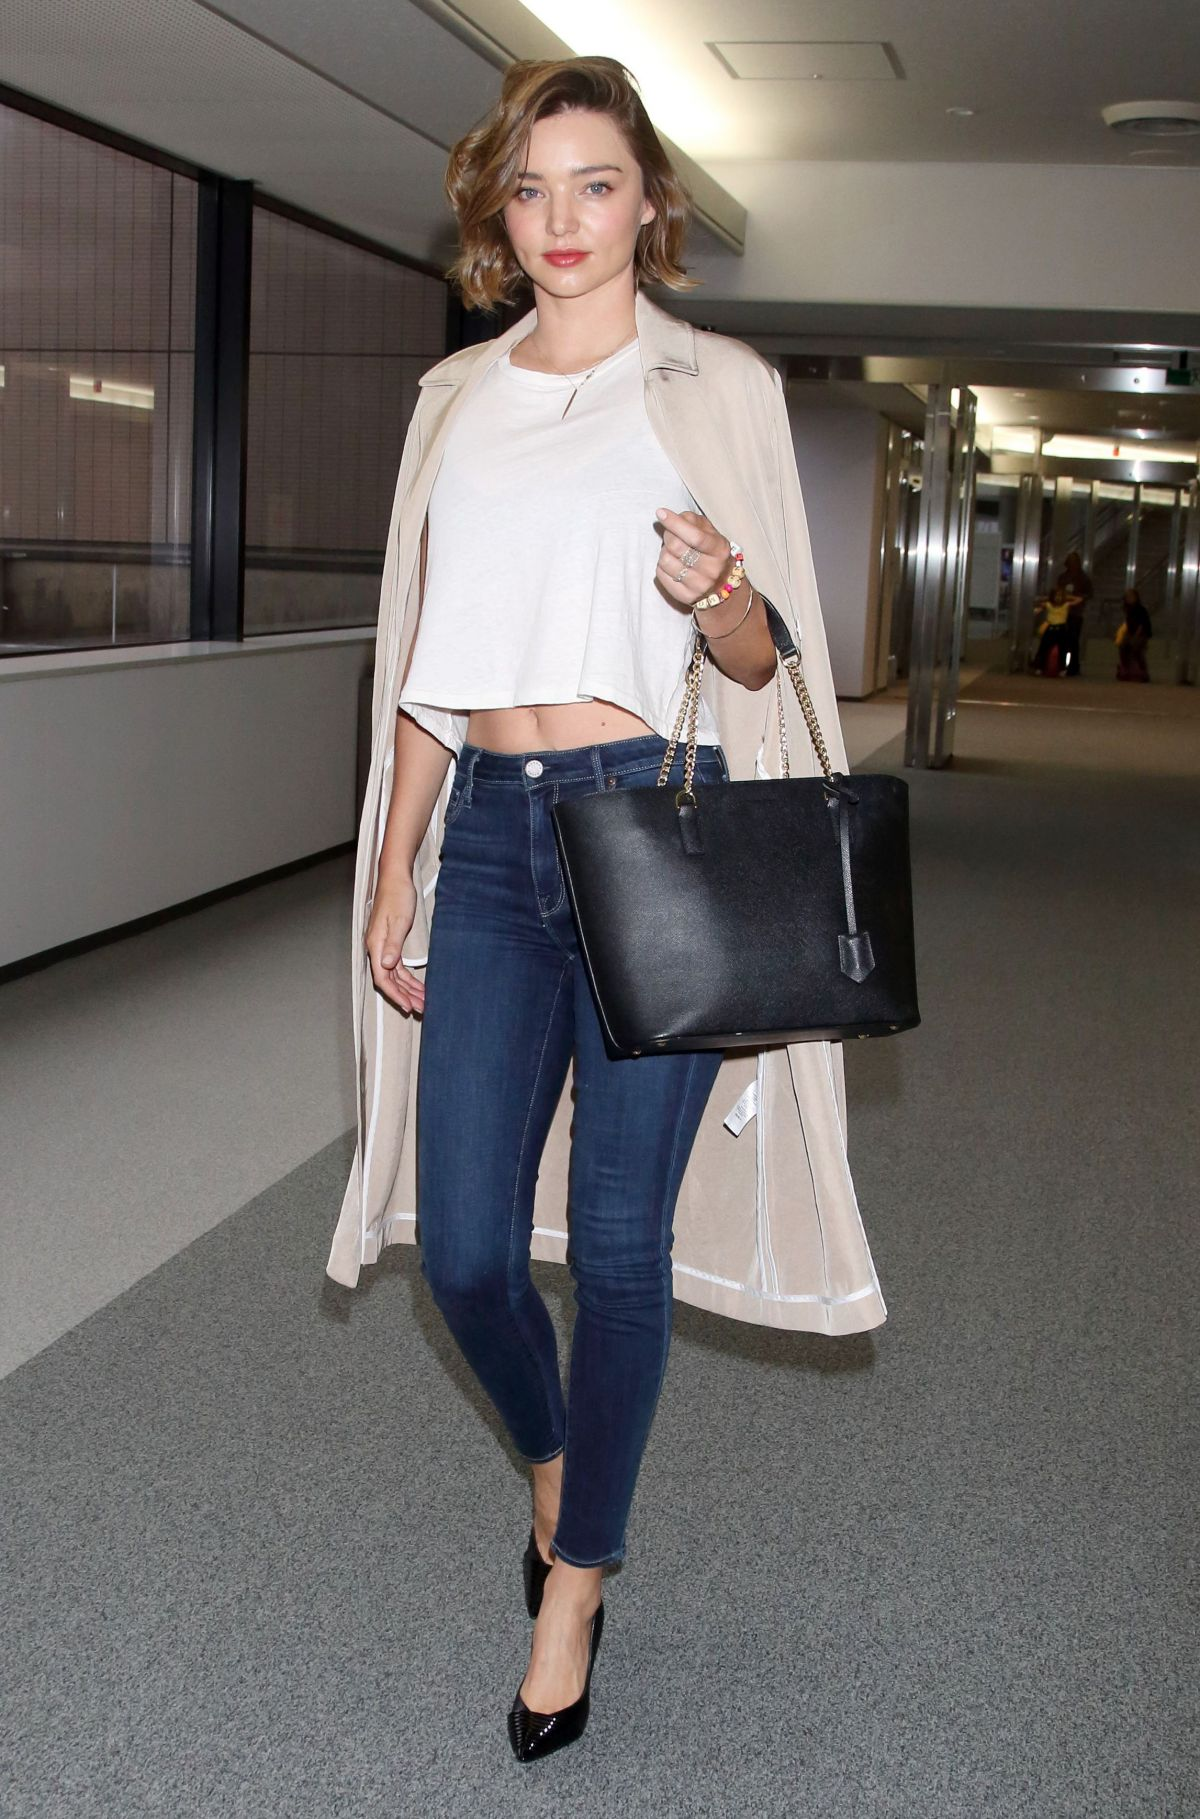 MIRANDA KERR at Narita International Airport in Tokyo 06/18/2016